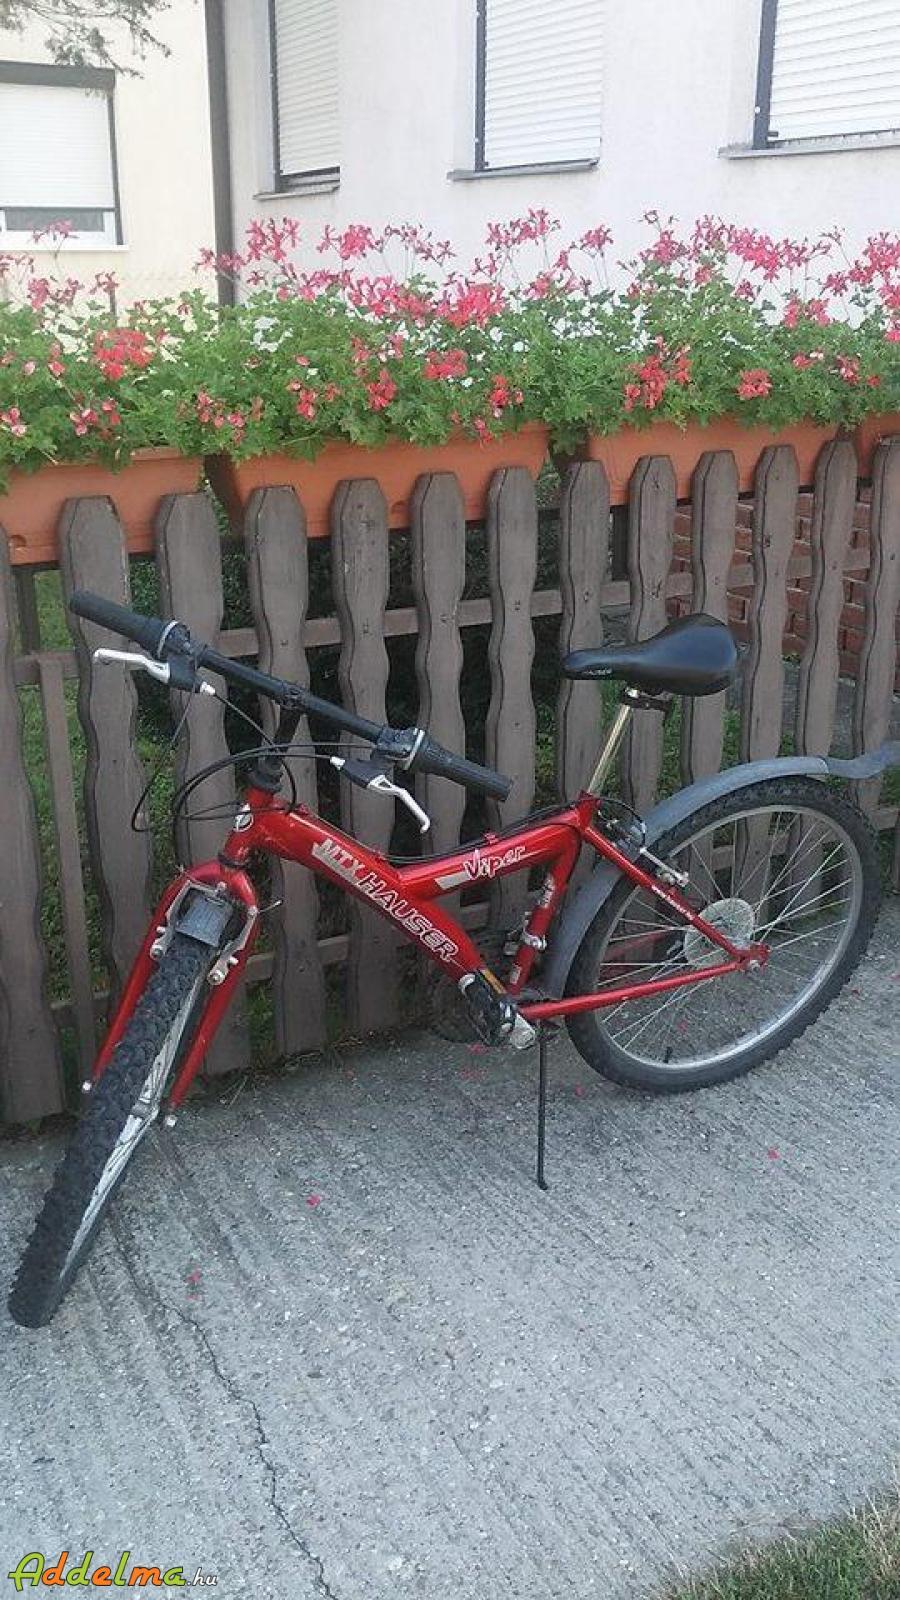 ad6be9dae1d7 Eladó Hauser kerékpár, Győr-Moson-Sopron megye, Győr, Magyarország ...